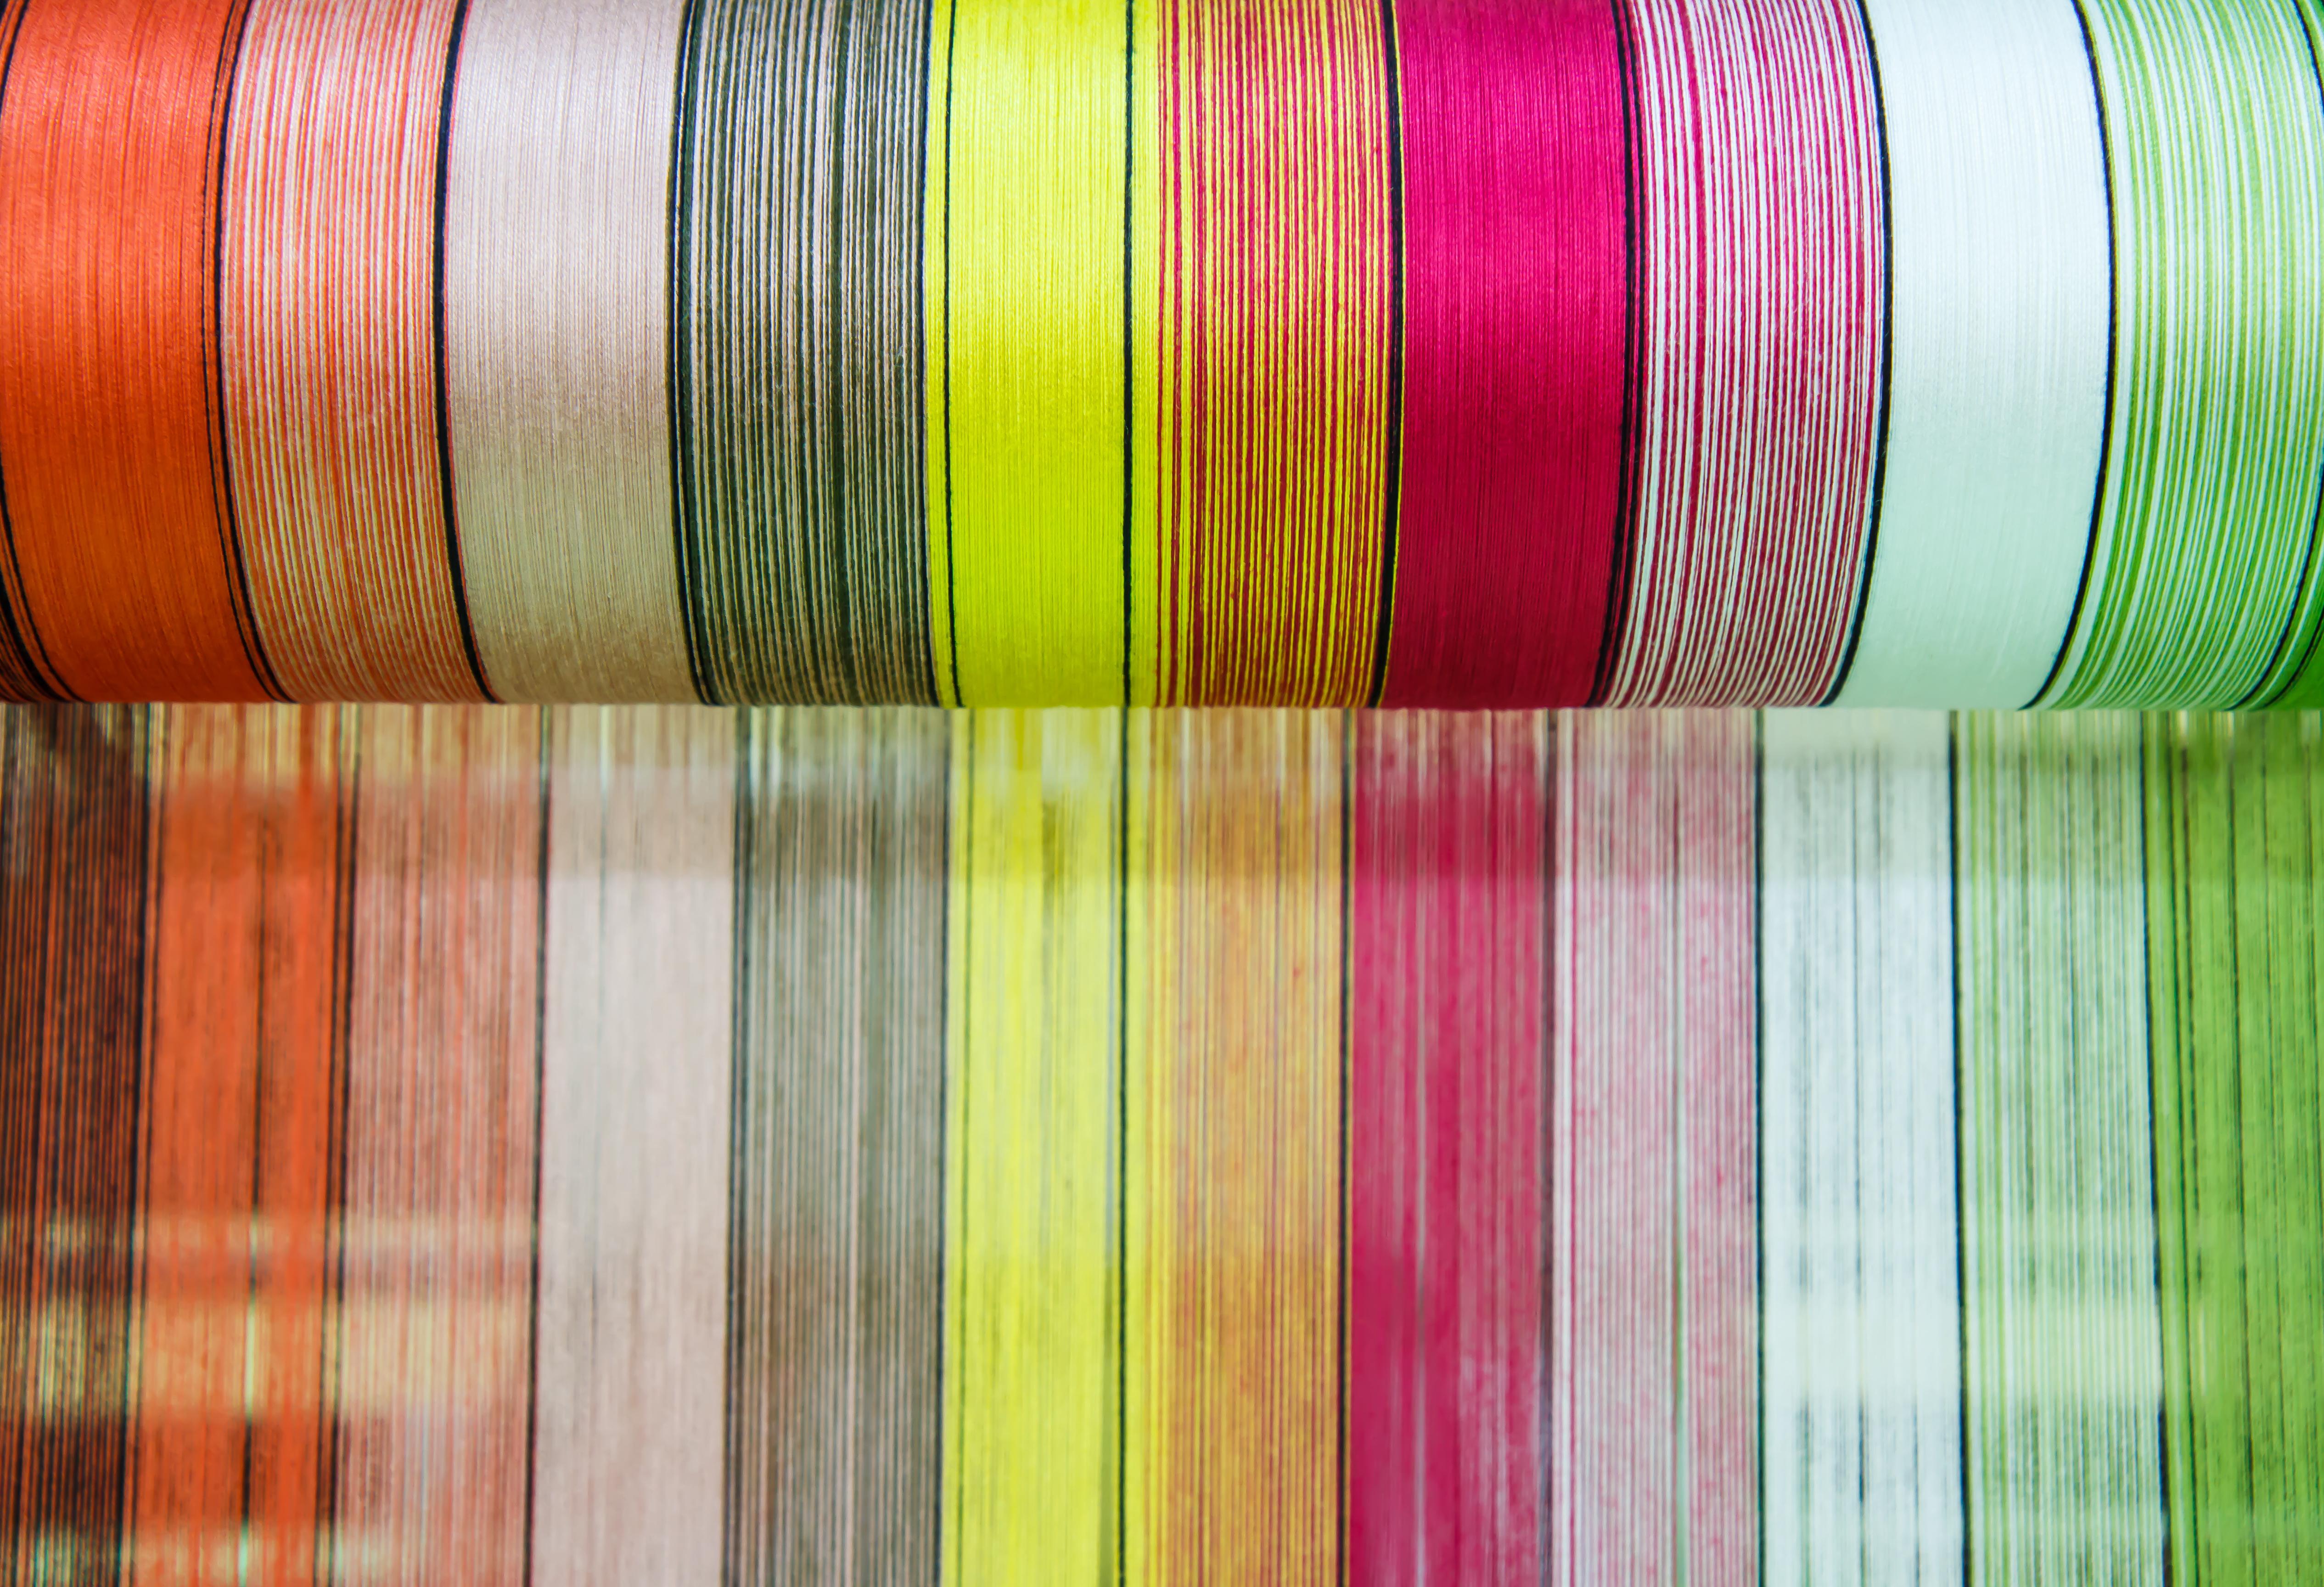 Hilo y telas textiles Pastor